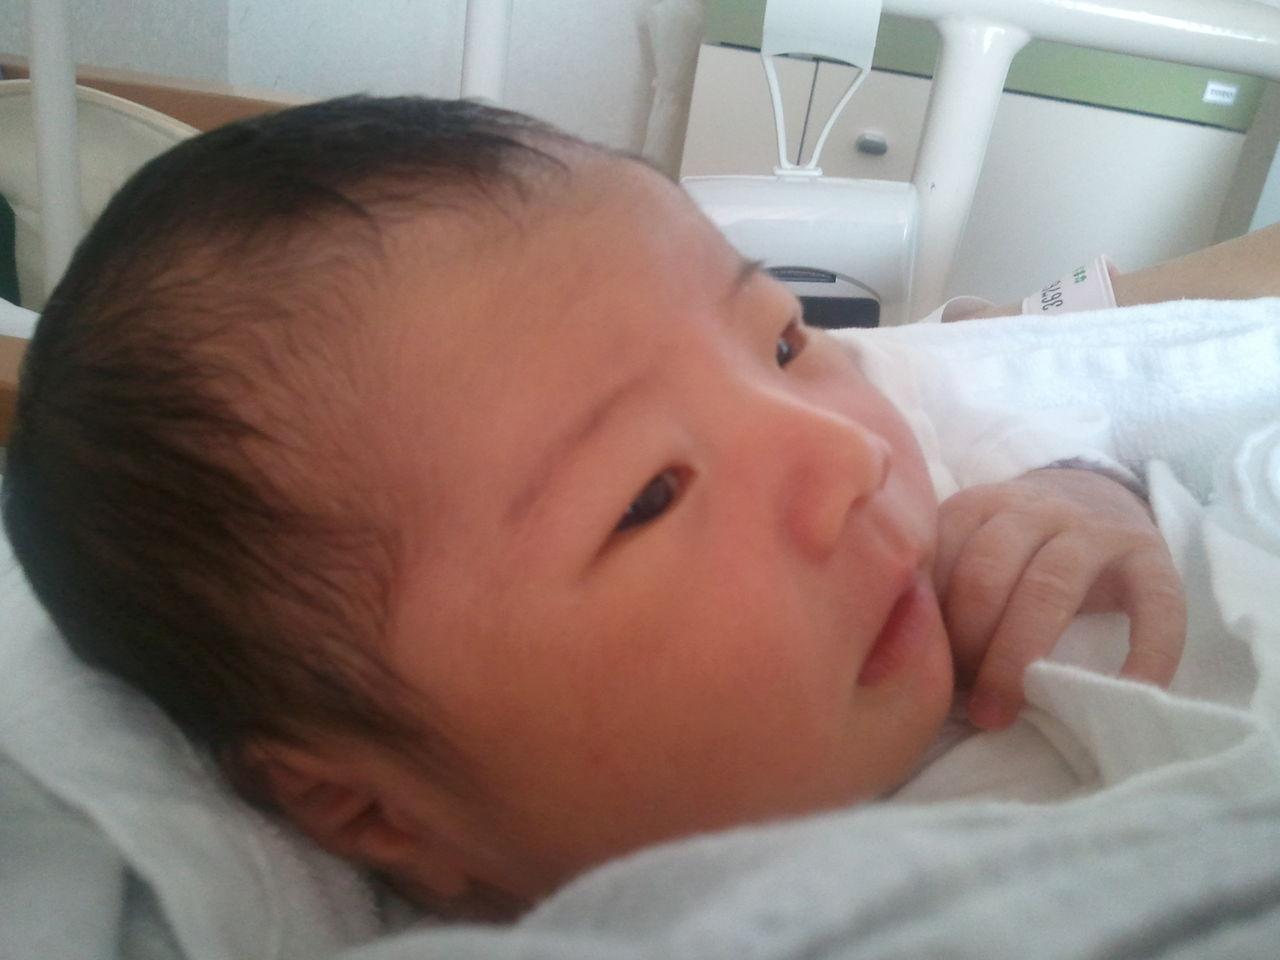 ご出産の報告をいただきました | 不妊|鍼灸|大阪|不妊の鍼灸治療は三ツ川レディース鍼灸院